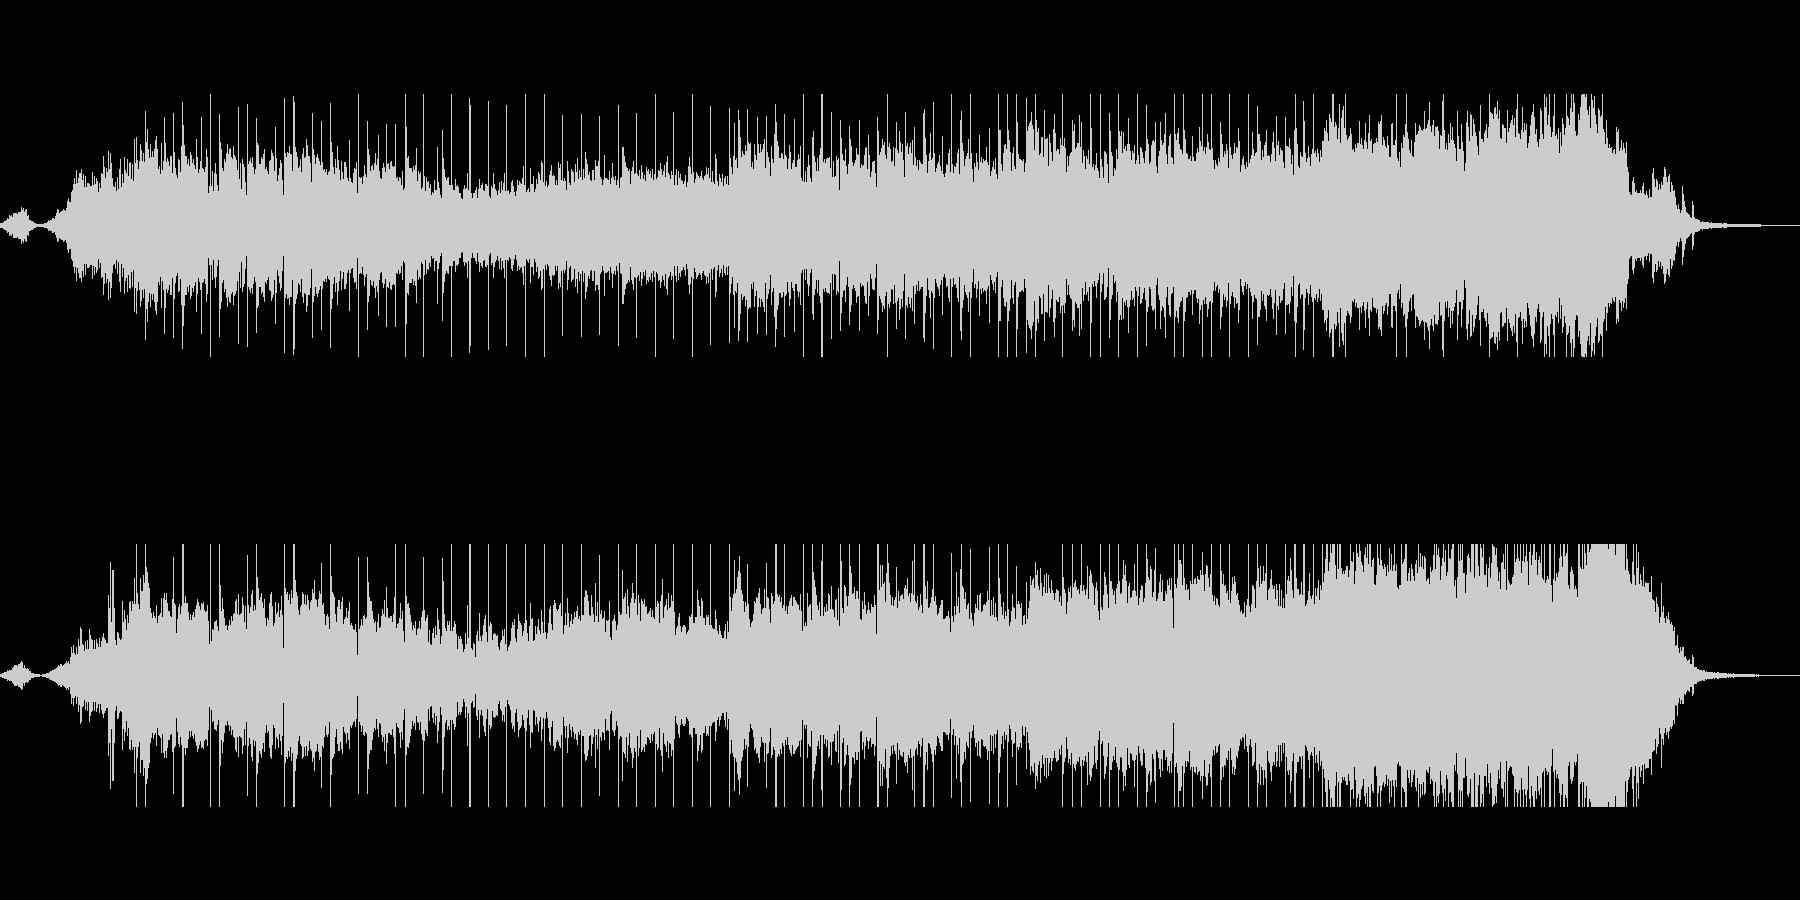 和風でセンチメンタルな ドラマ挿入曲風の未再生の波形